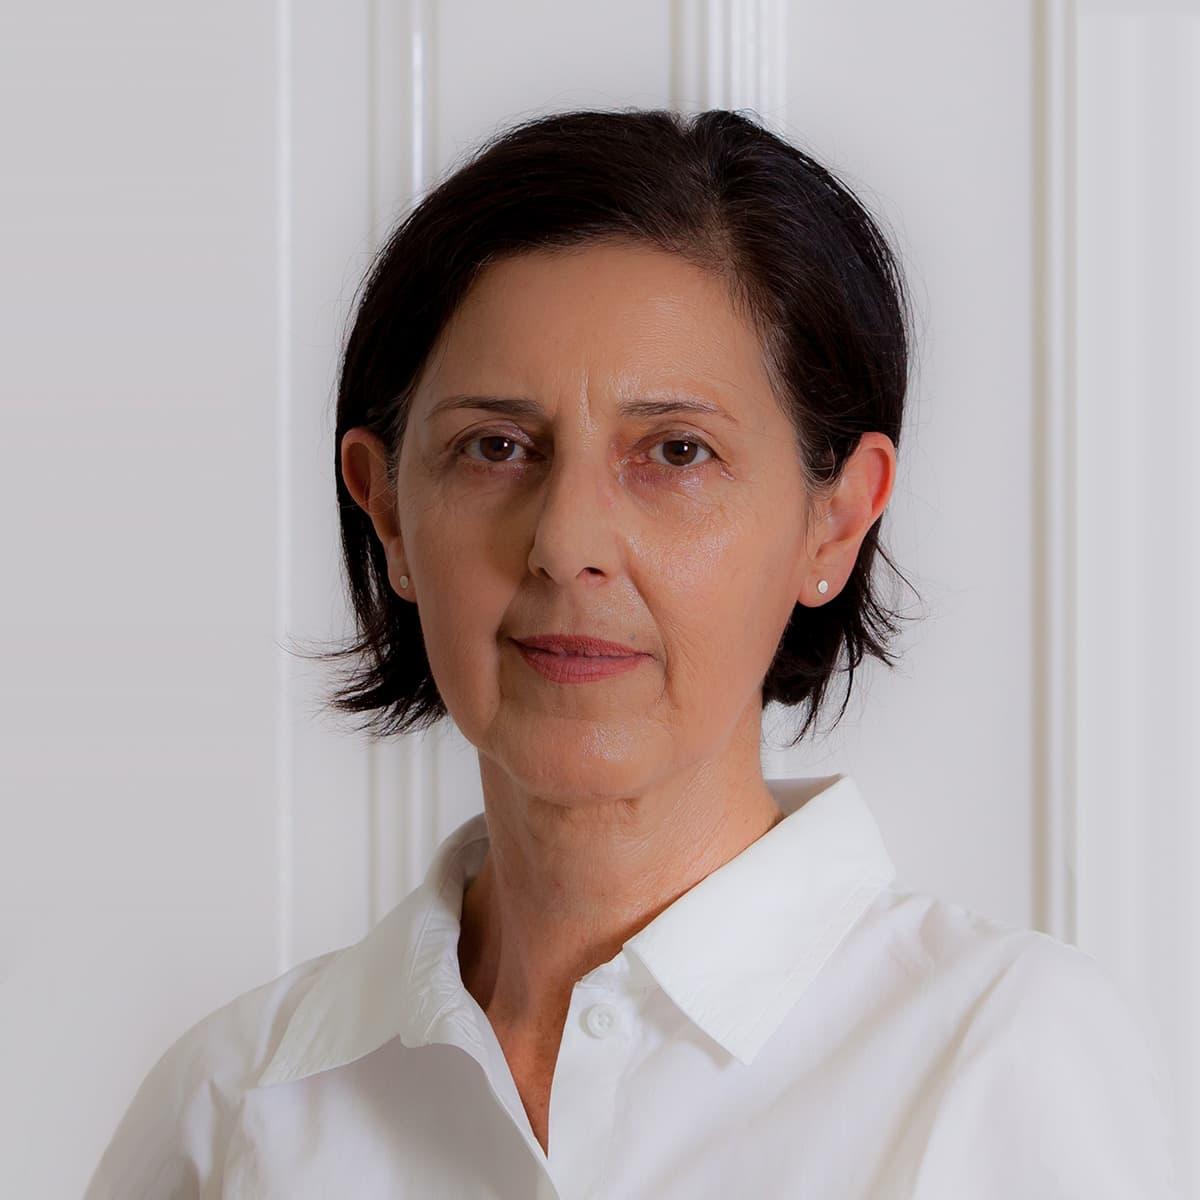 Zahnarztpraxis Berlin Gundel Ollmann - Sylvia Staudacher